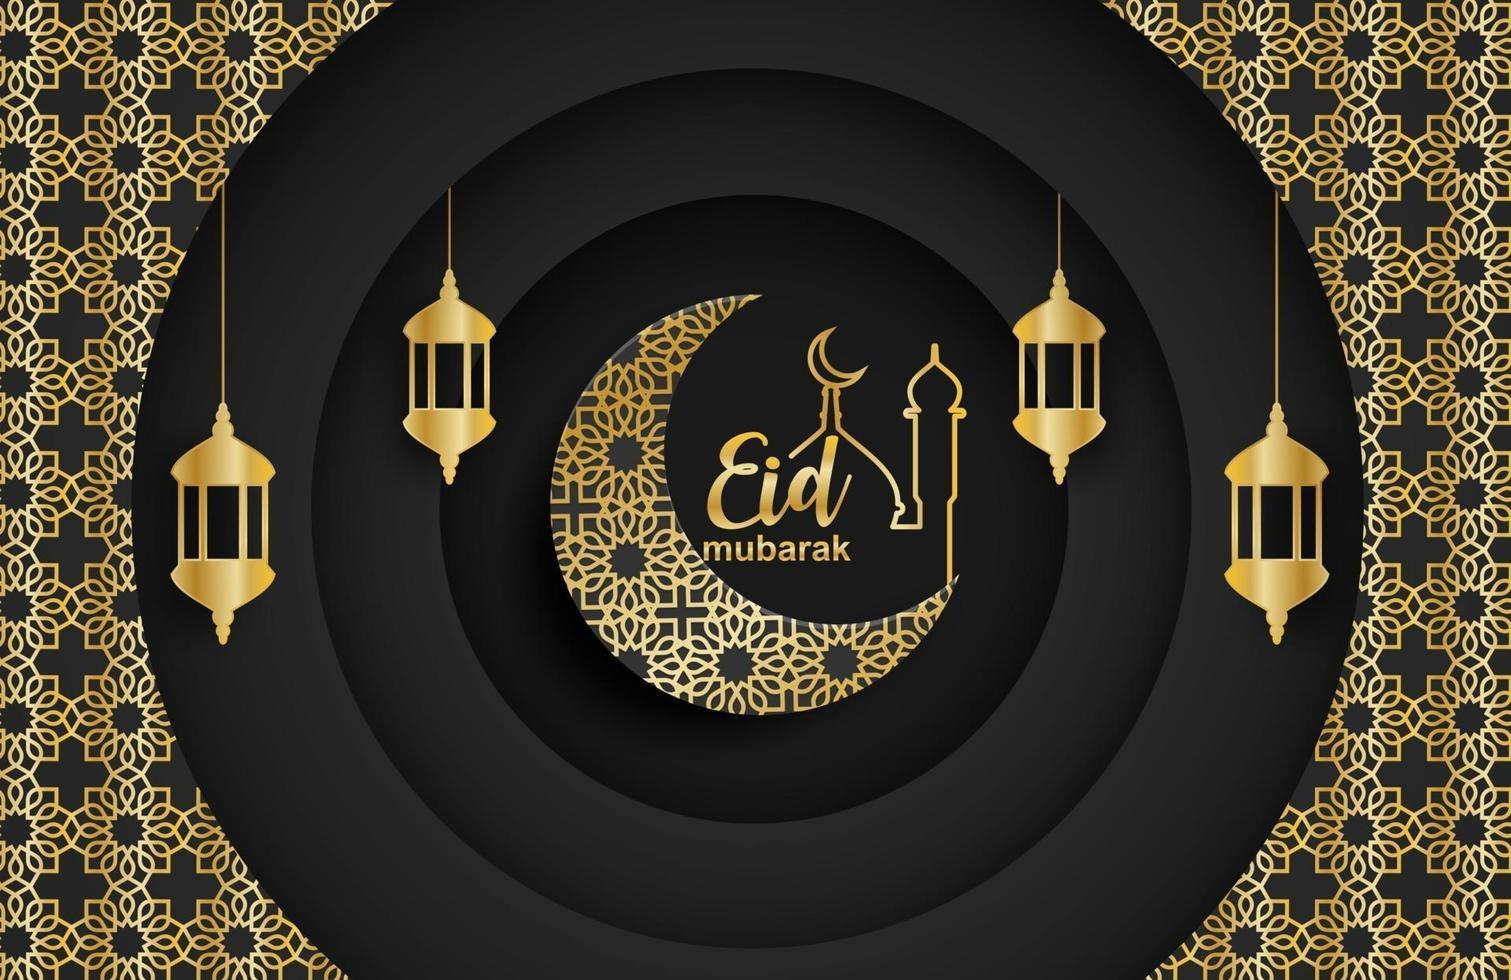 eid mubarak, ramadan mubarak bakgrund. design med månen, guldlykta på svart bakgrund. vektor. vektor